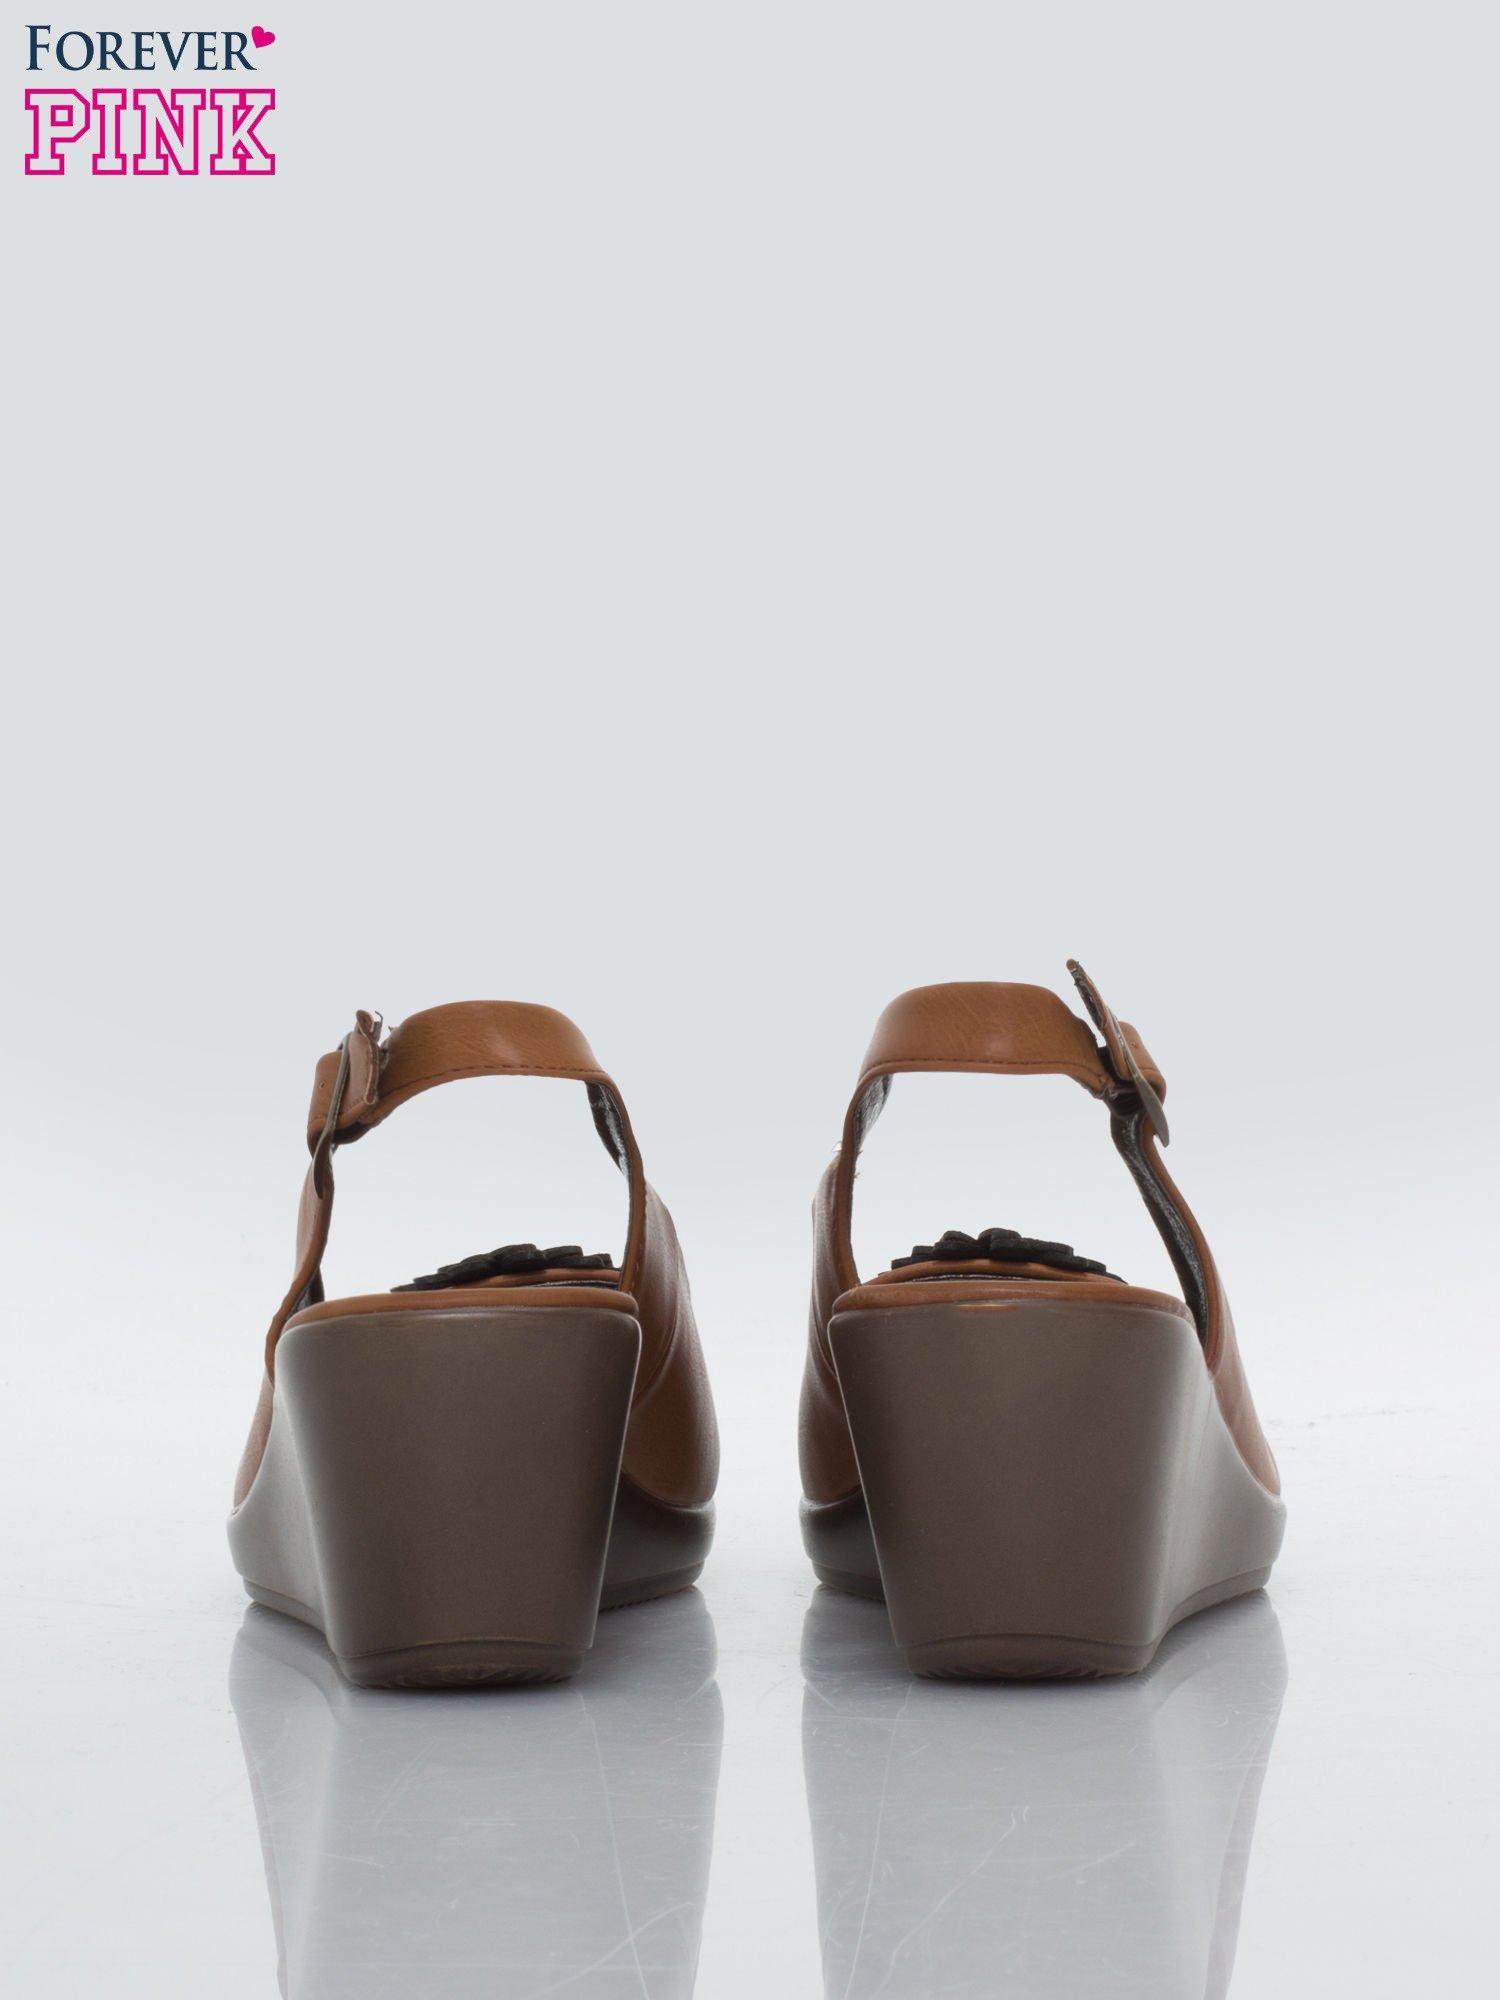 Karmelowe koturny faux leather open toe z odkrytą piętą i ozdobnym kwiatem                                  zdj.                                  3